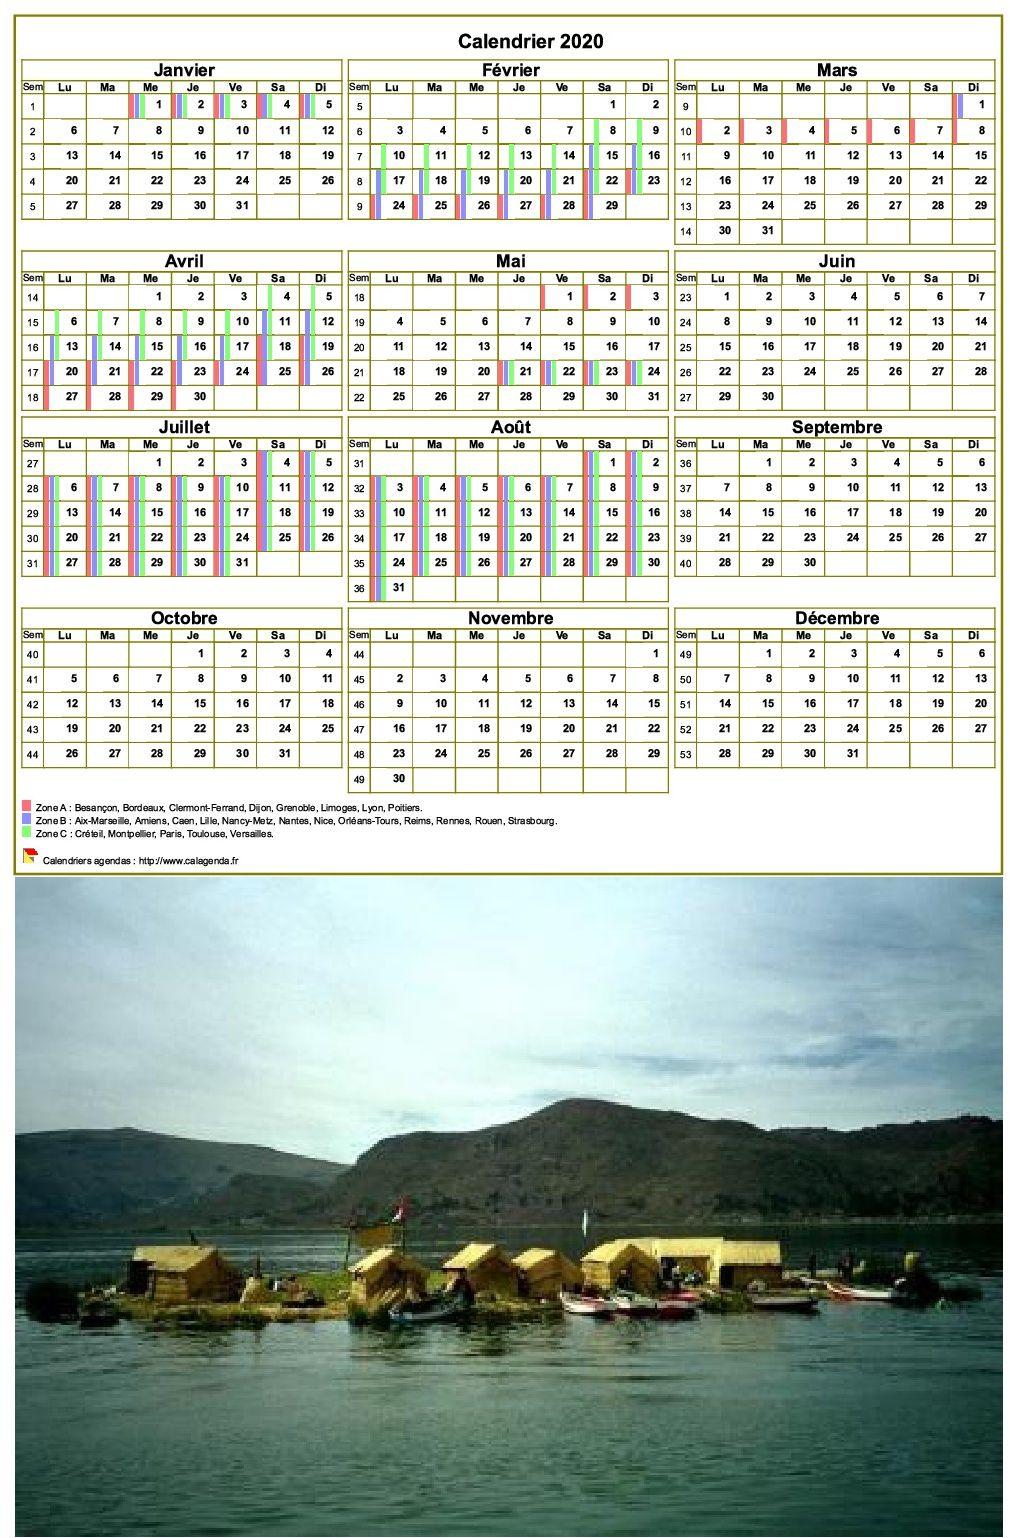 Calendrier 2020 annuel, 3 colonnes, une ligne par trimestre (format portrait avec photo)